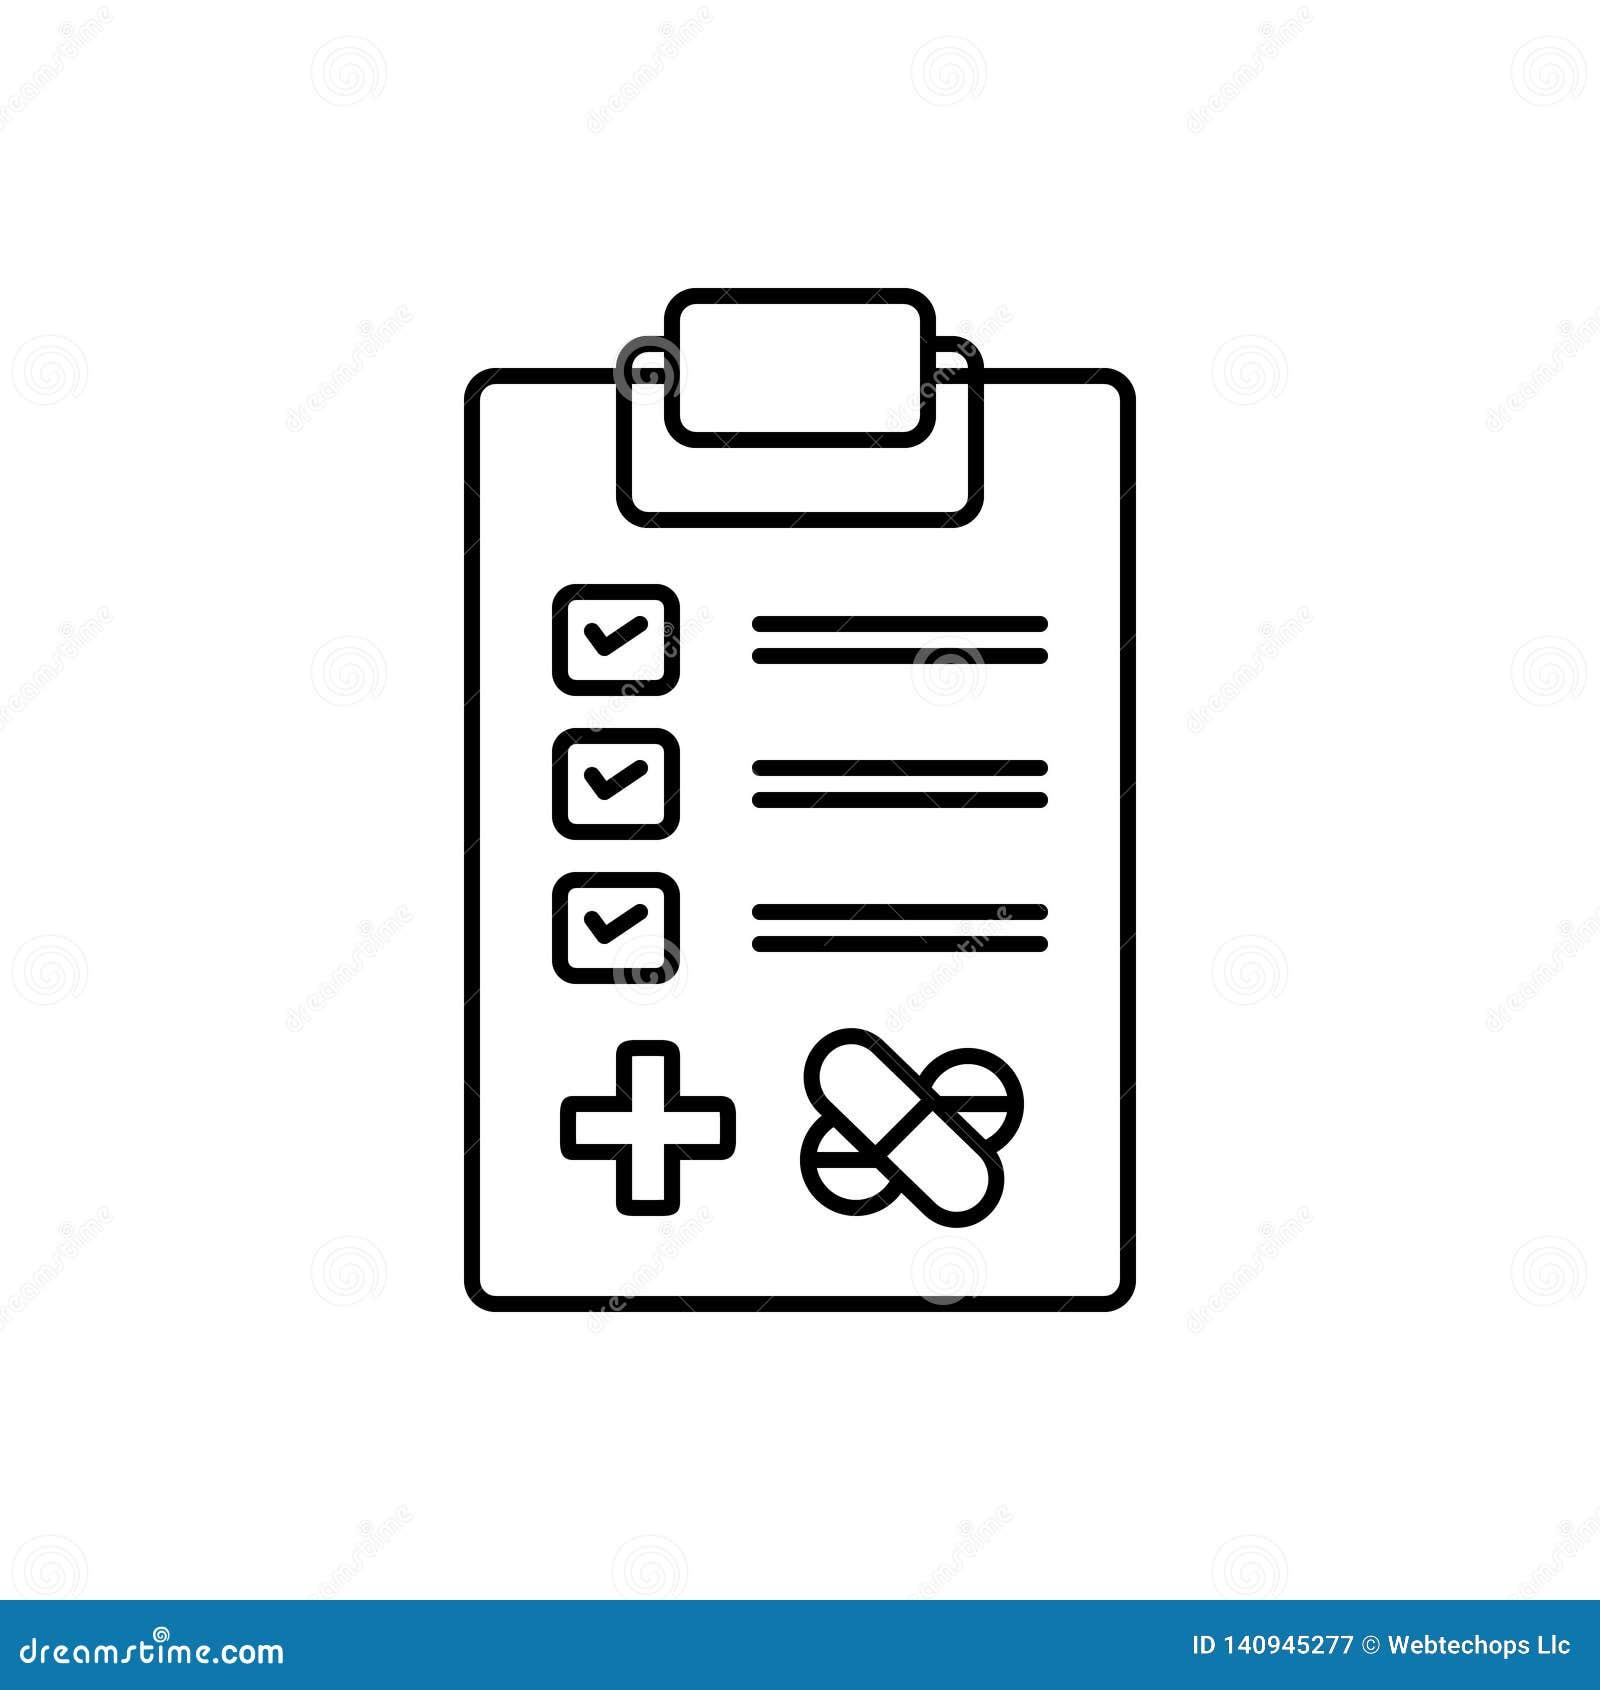 Svart linje symbol för medicinska prov, utredning och forskning